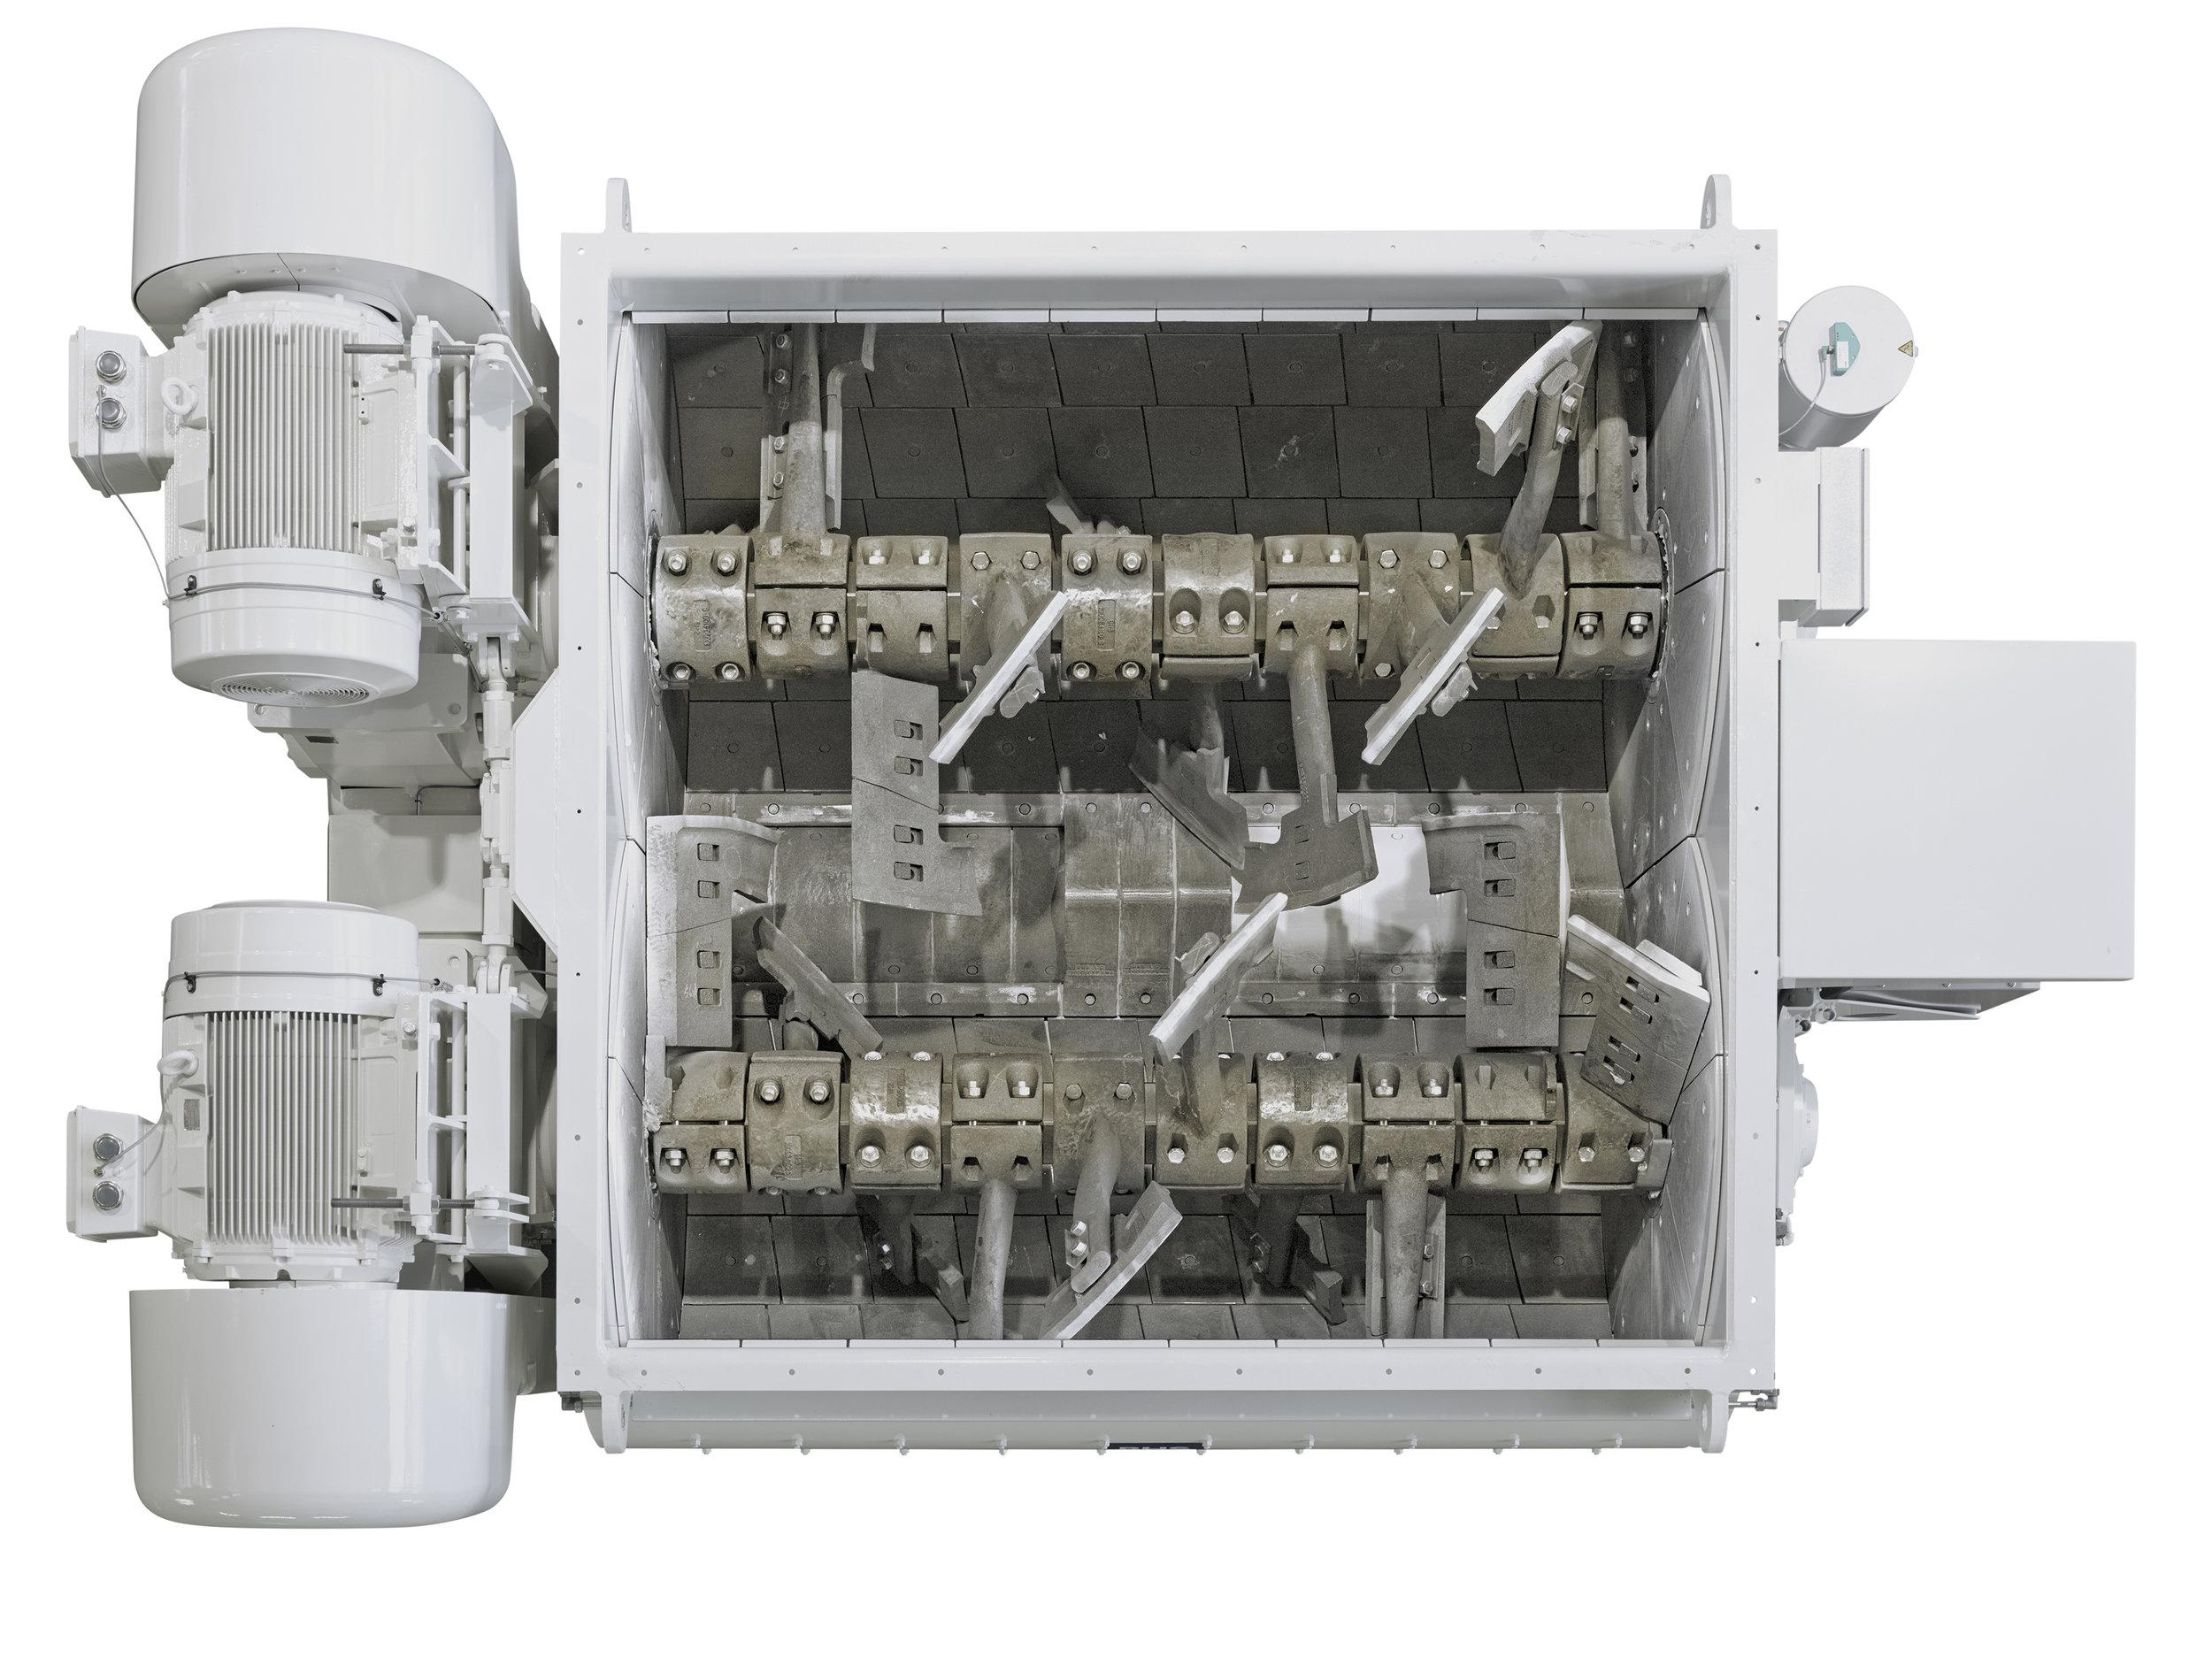 DKXS-6.0_2012-12_0064001.jpg